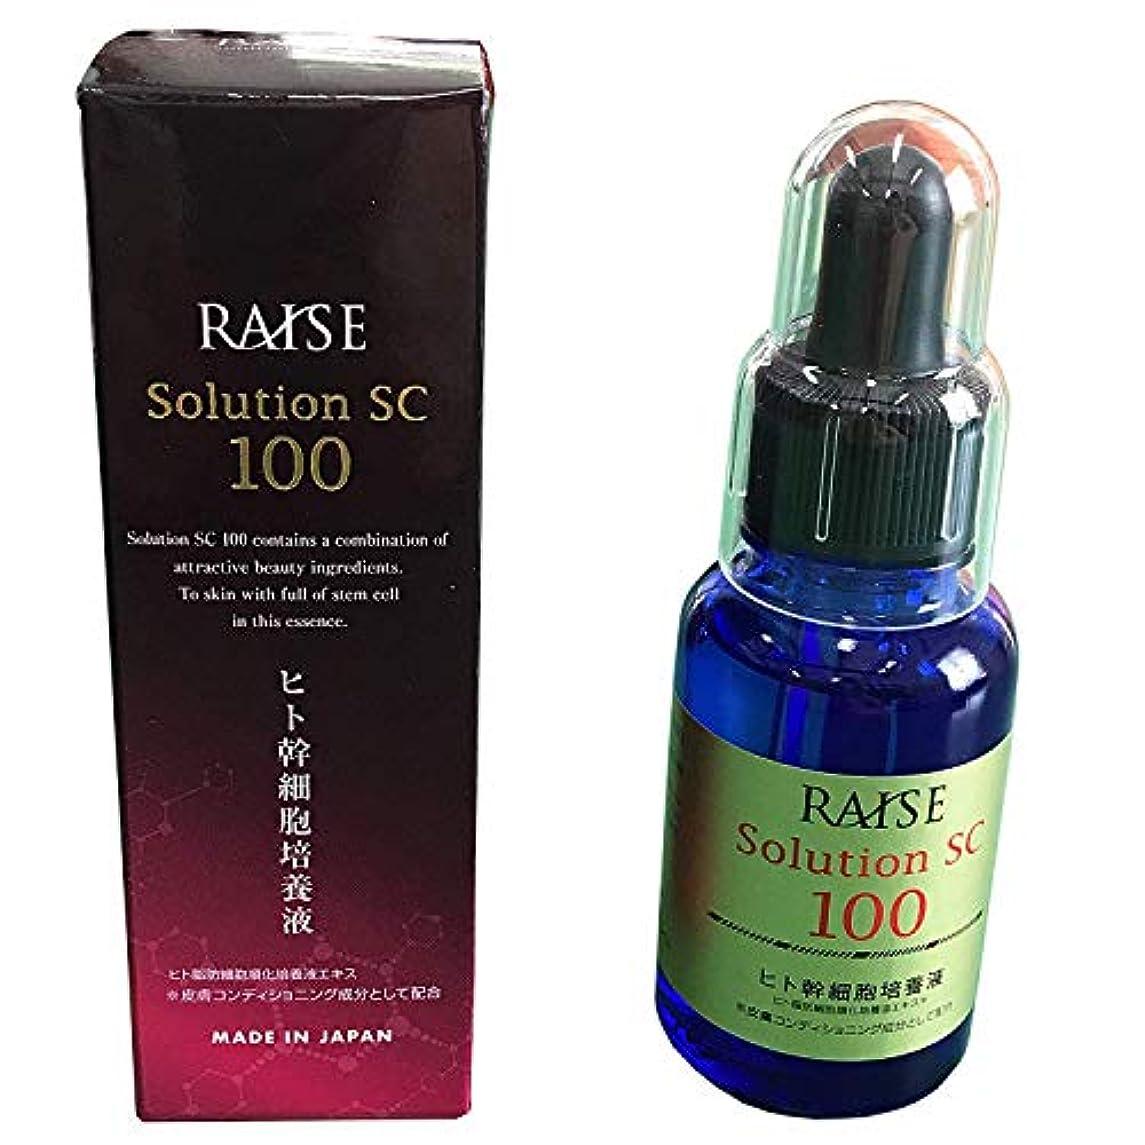 騒増幅苦しめるRAISE (レイズ) ソリューション SC100 ヒト幹細胞 + 活性型 FGF 美容液 30ml